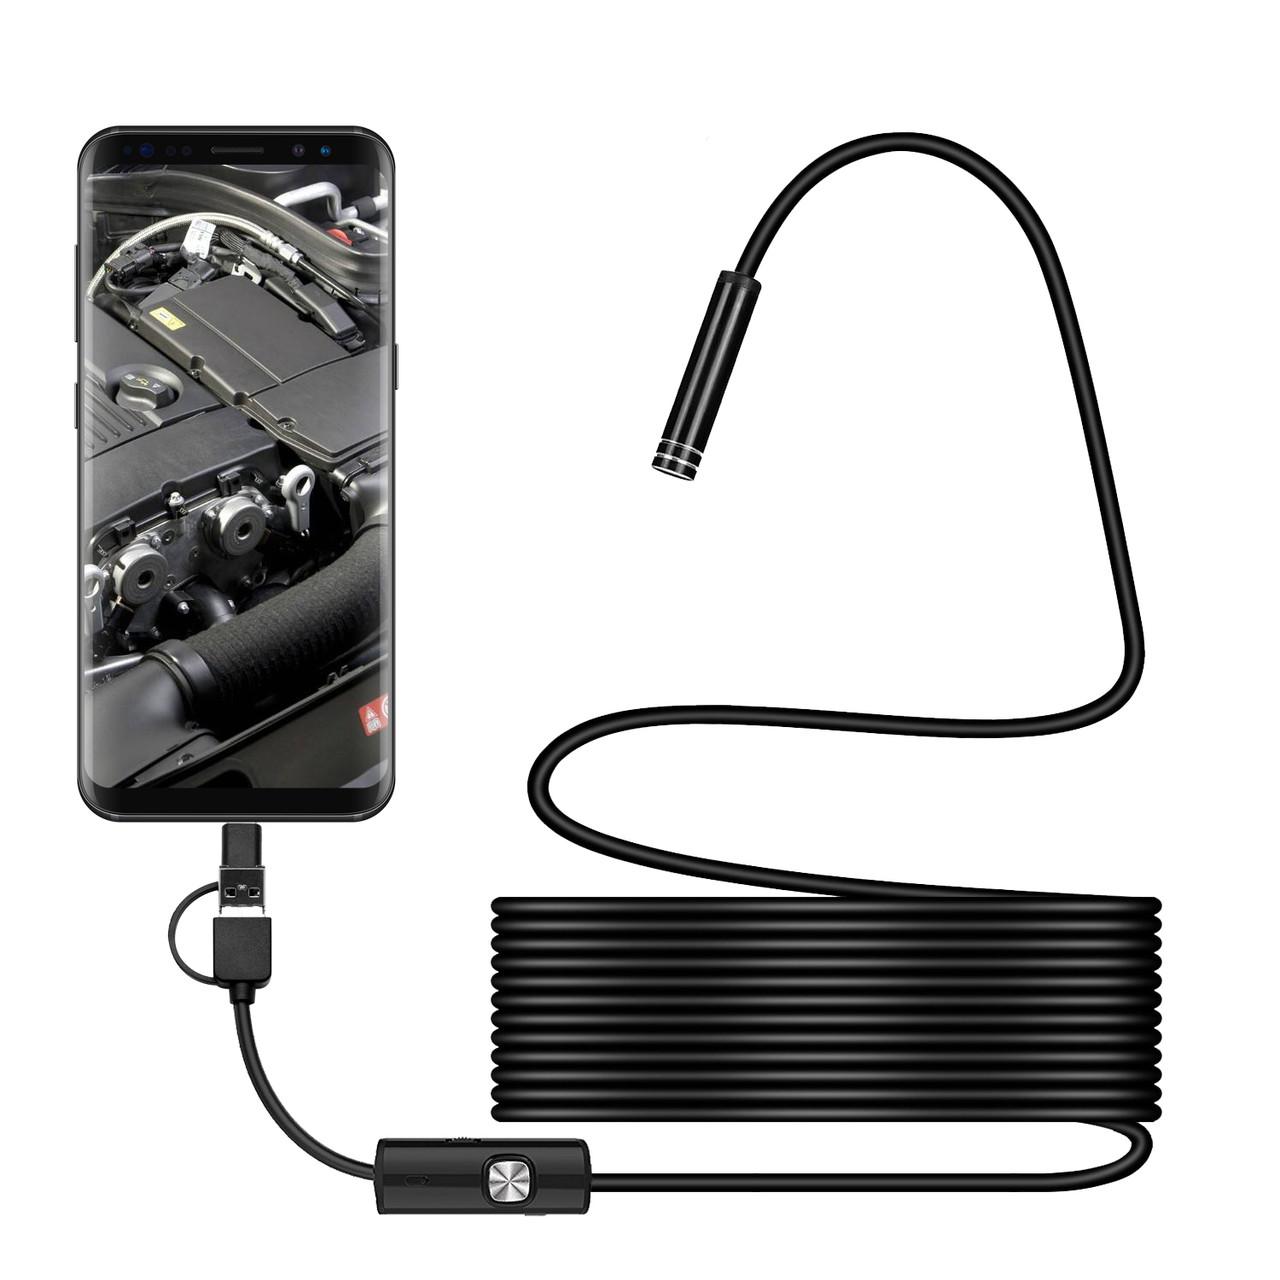 Bakeey 3 в 1 7мм 6Led Тип-С Micro USB эндоскоп инспекция камера Мягкий кабель для ПК Android - ➊TopShop ➠ Товары из Китая с бесплатной доставкой в Украину! в Днепре